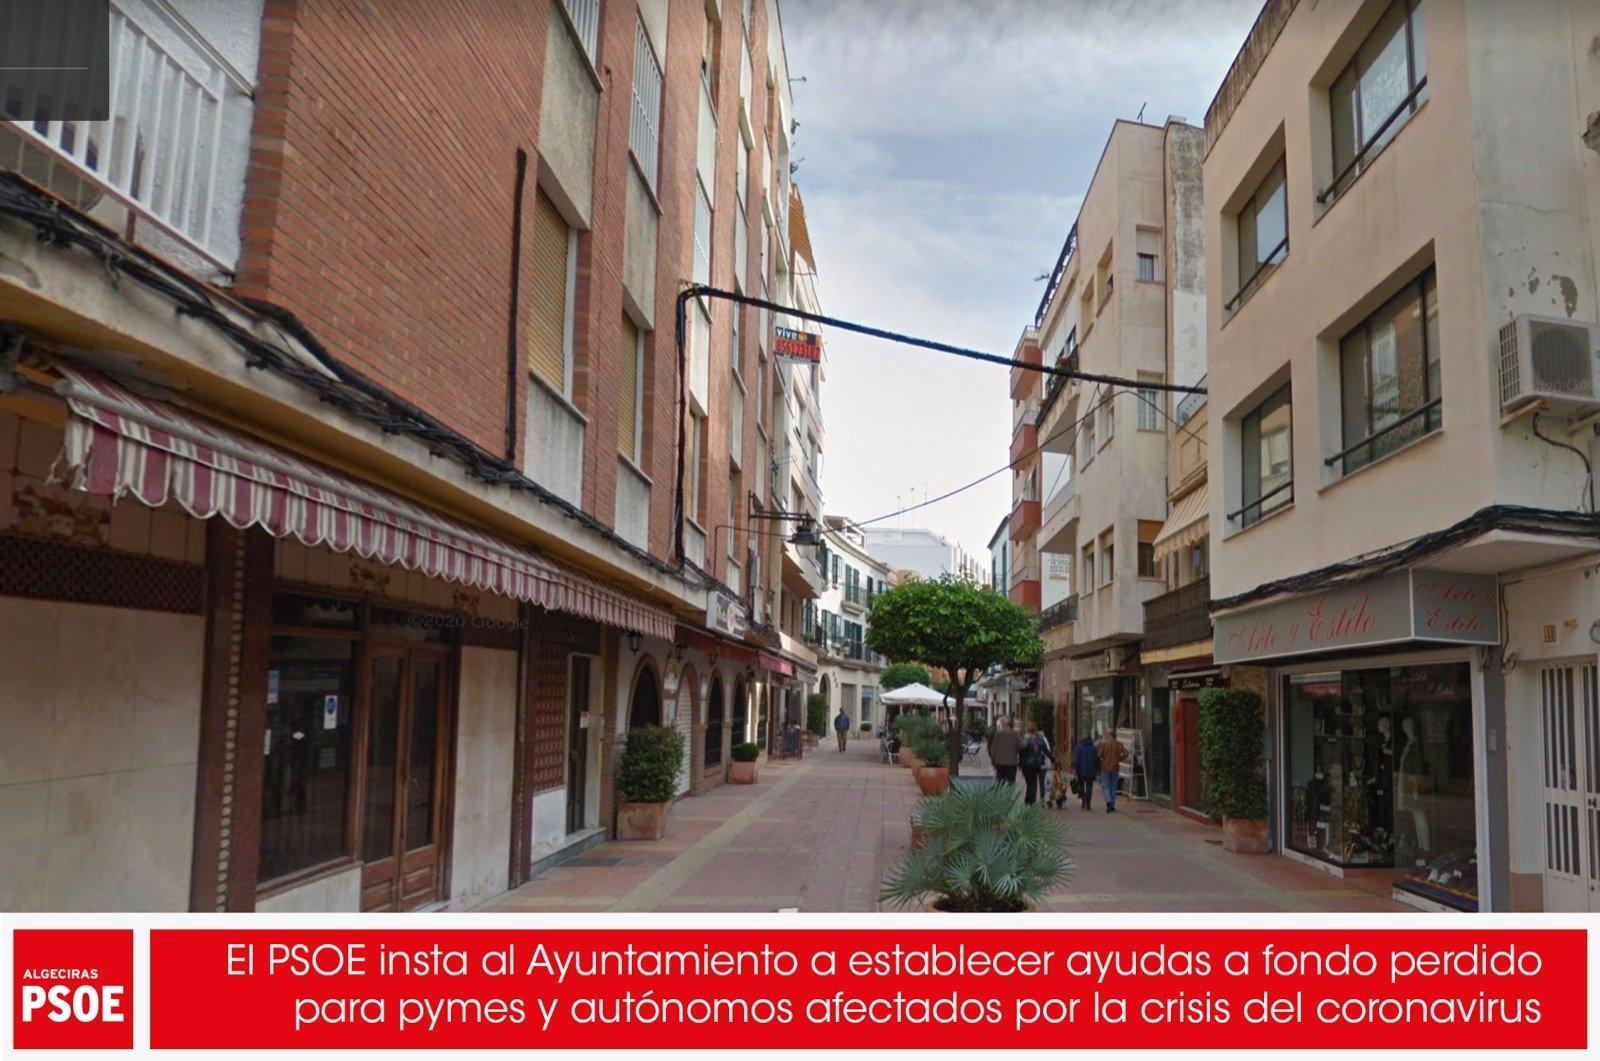 El PSOE insta al Ayuntamiento a establecer ayudas a fondo perdido para pymes y autónomos afectados por la crisis del coronavirus